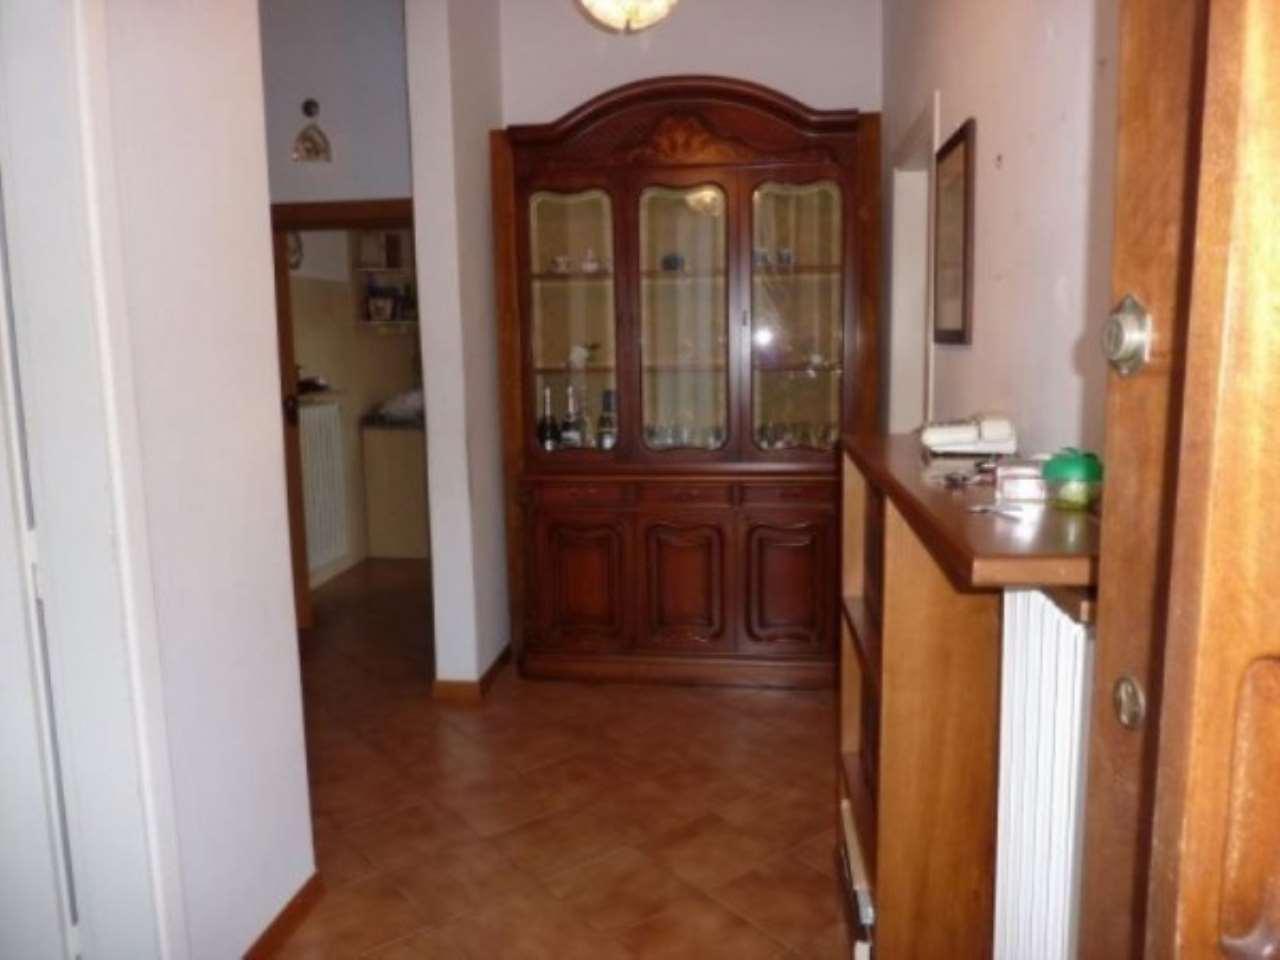 Soluzione Indipendente in vendita a Agliana, 6 locali, prezzo € 240.000 | CambioCasa.it